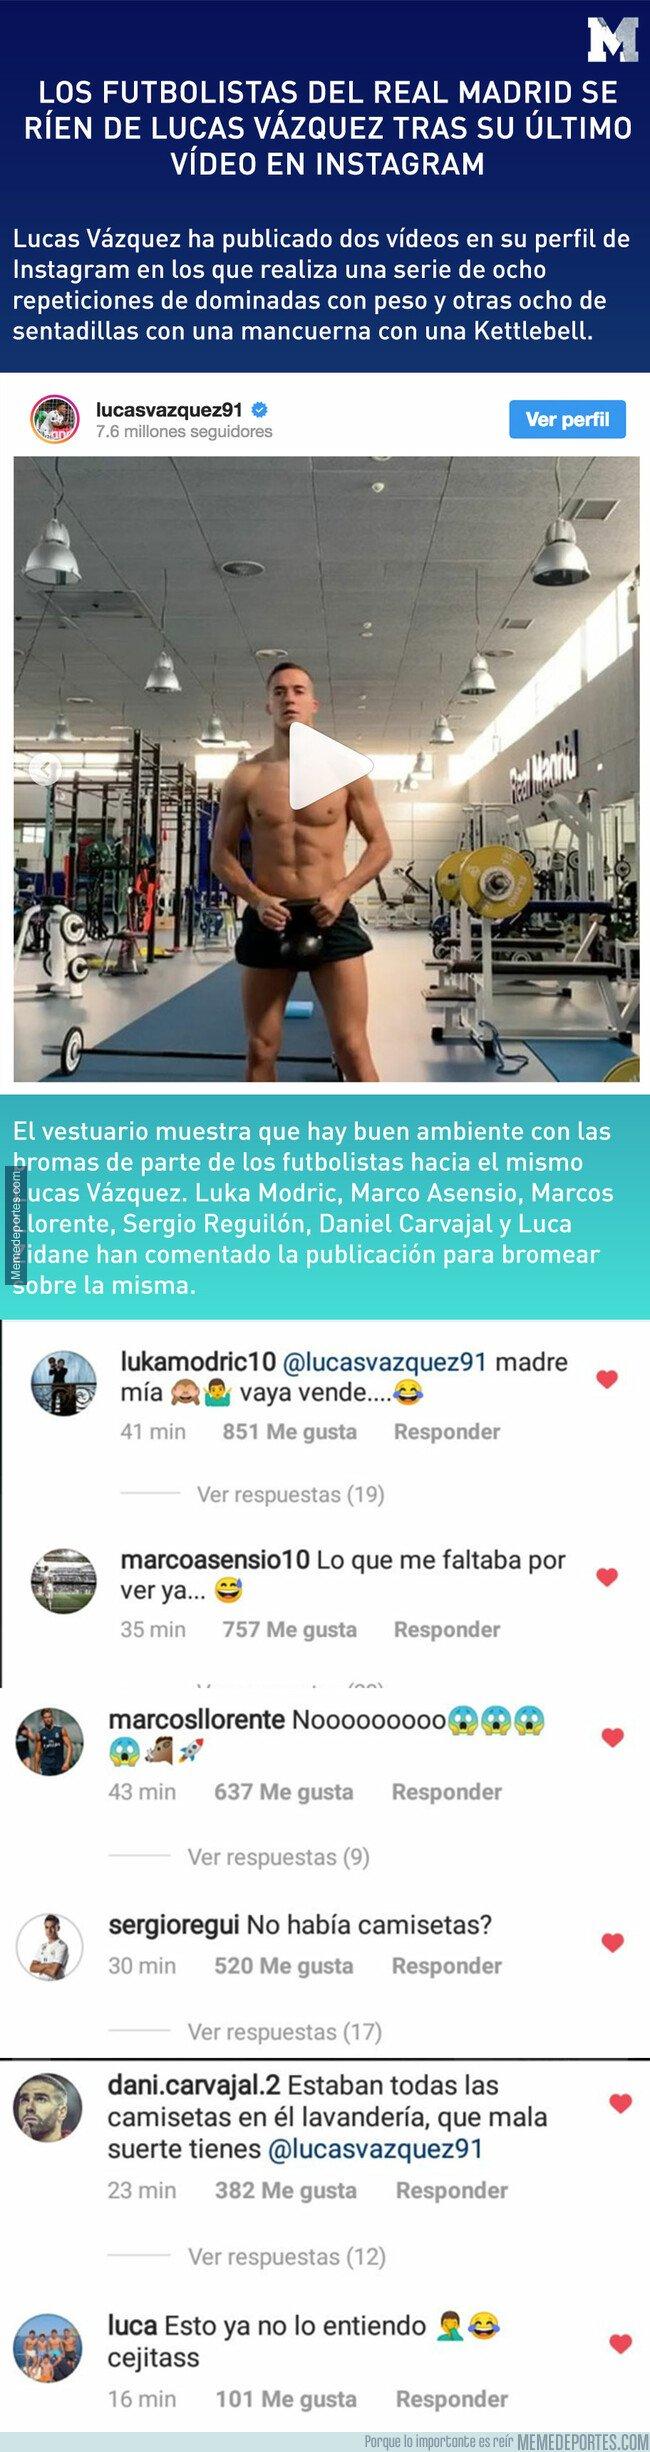 1068863 - Los futbolistas del Real Madrid se ríen de Lucas Vázquez tras su último vídeo en Instagram